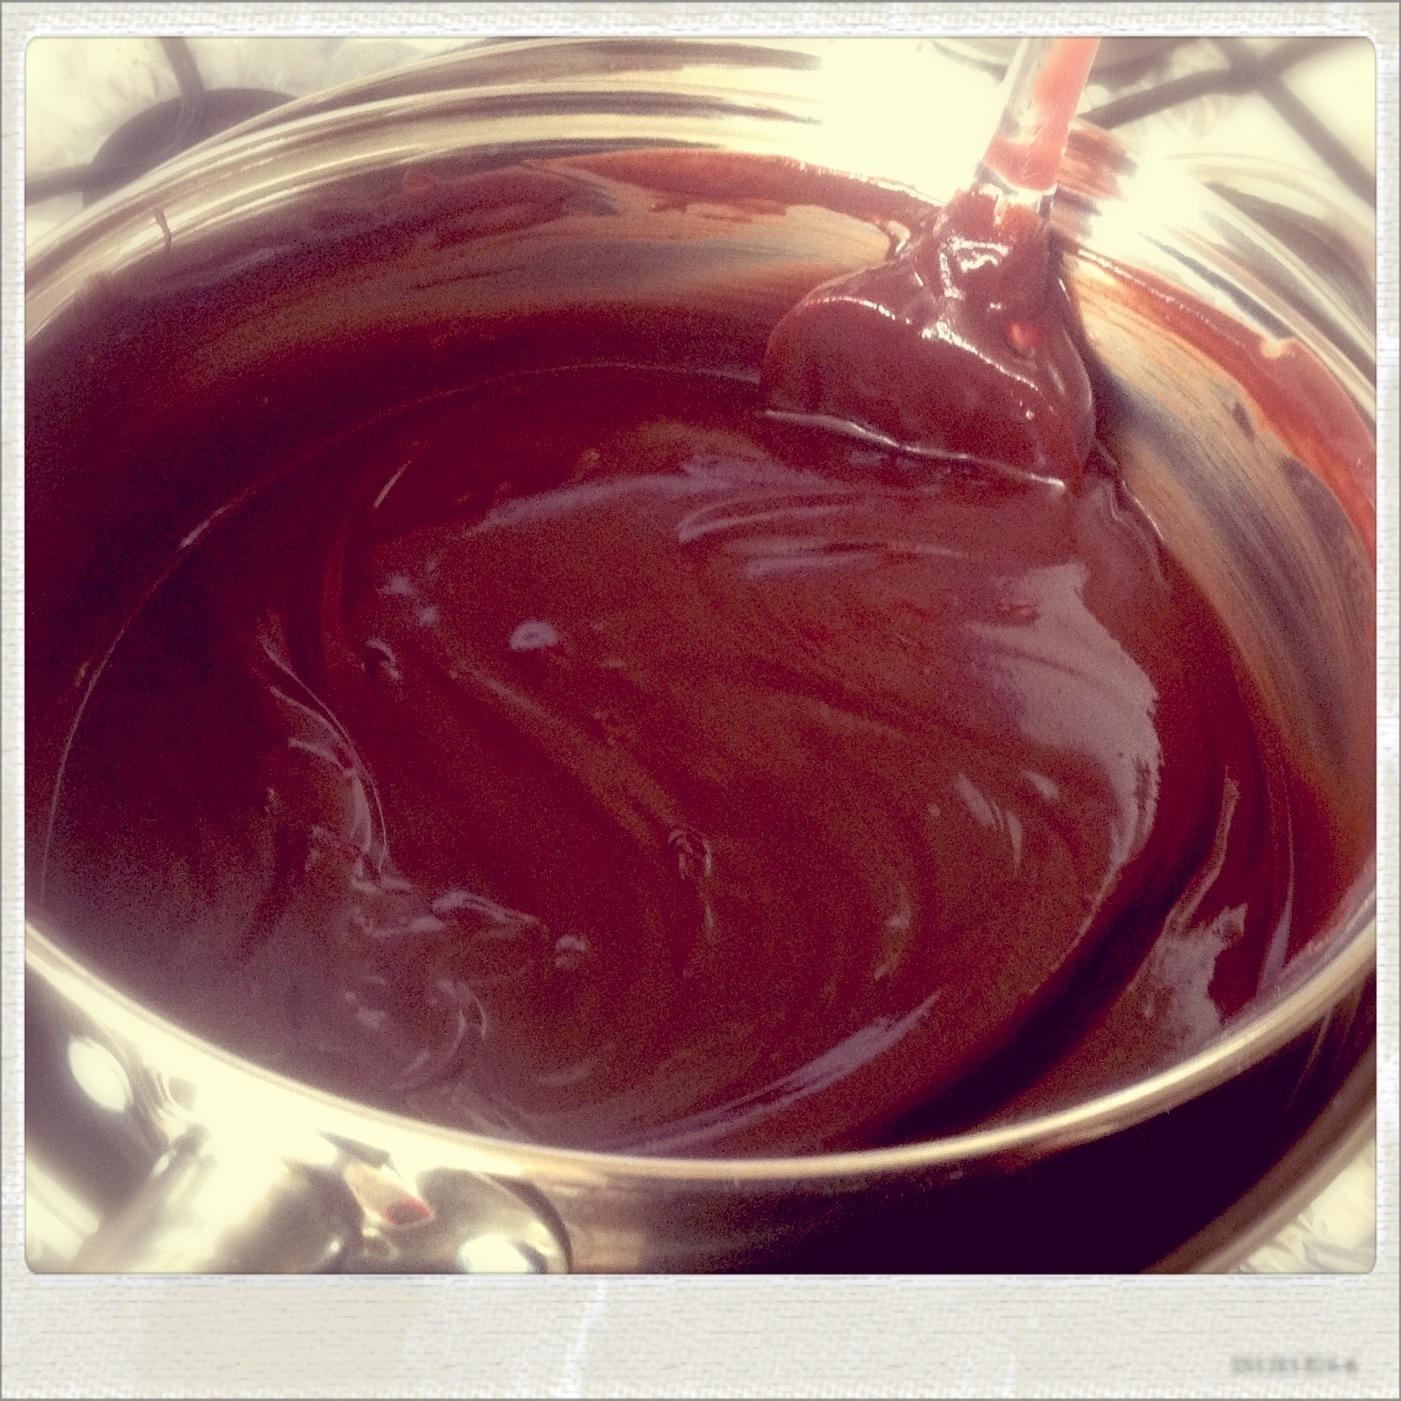 Sobremesa: Bolo de Chocolate Amargo da Roberta Sudbrack